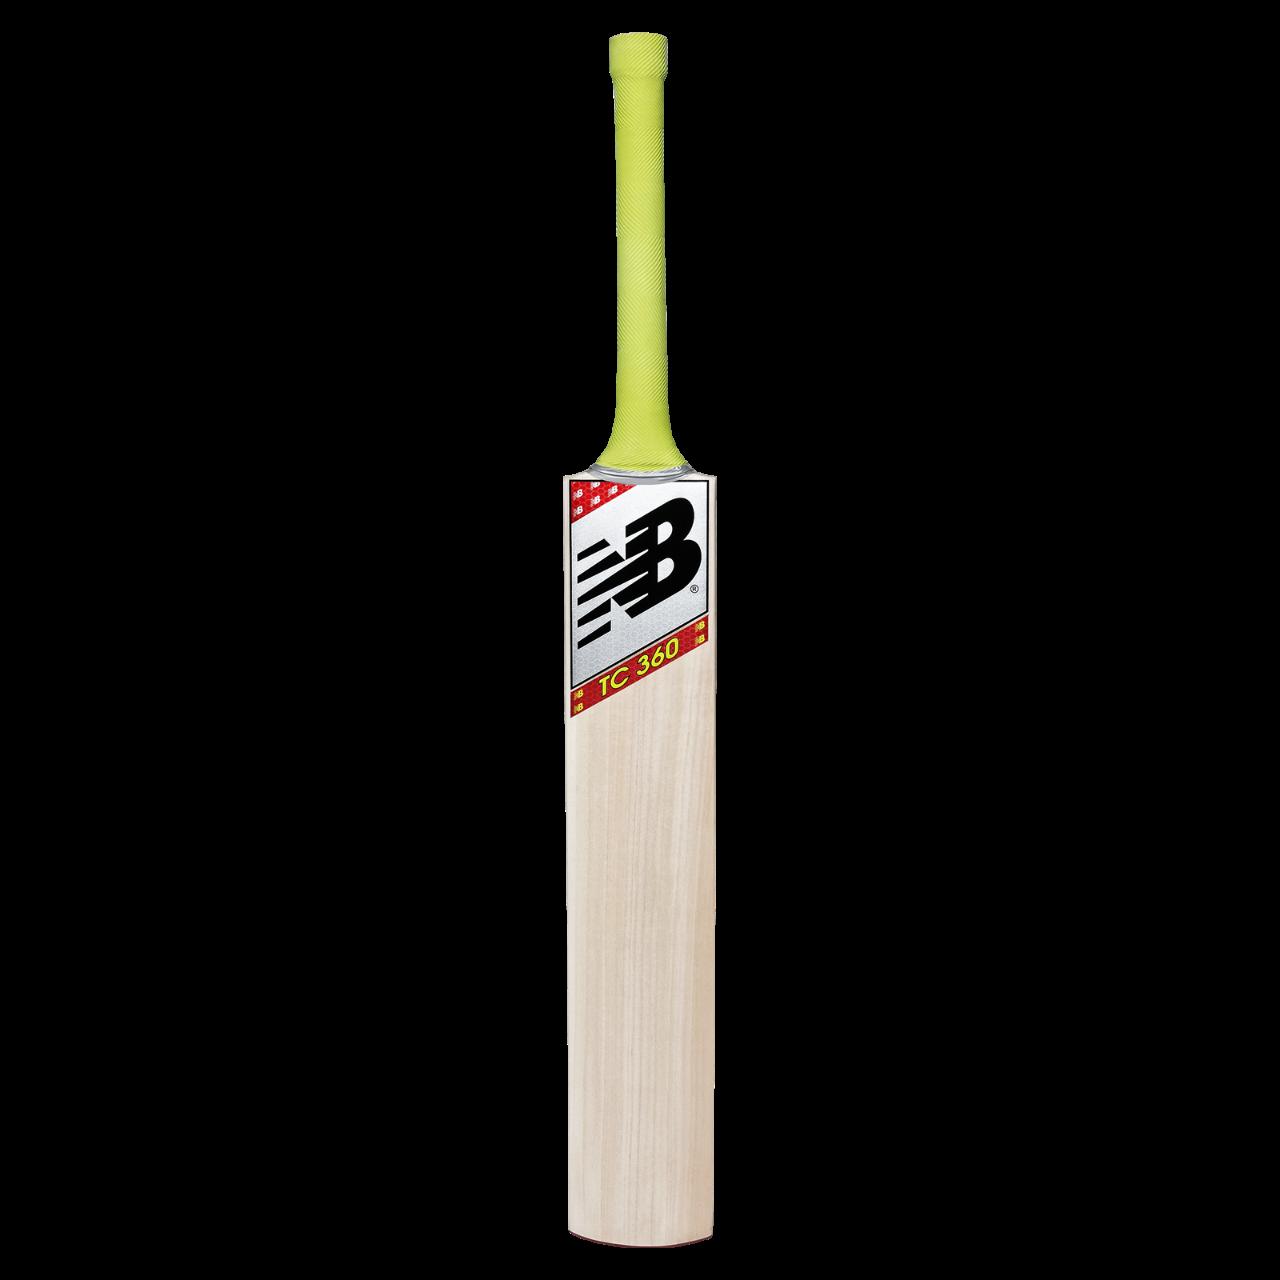 2020 New Balance TC 360 Junior Cricket Bat